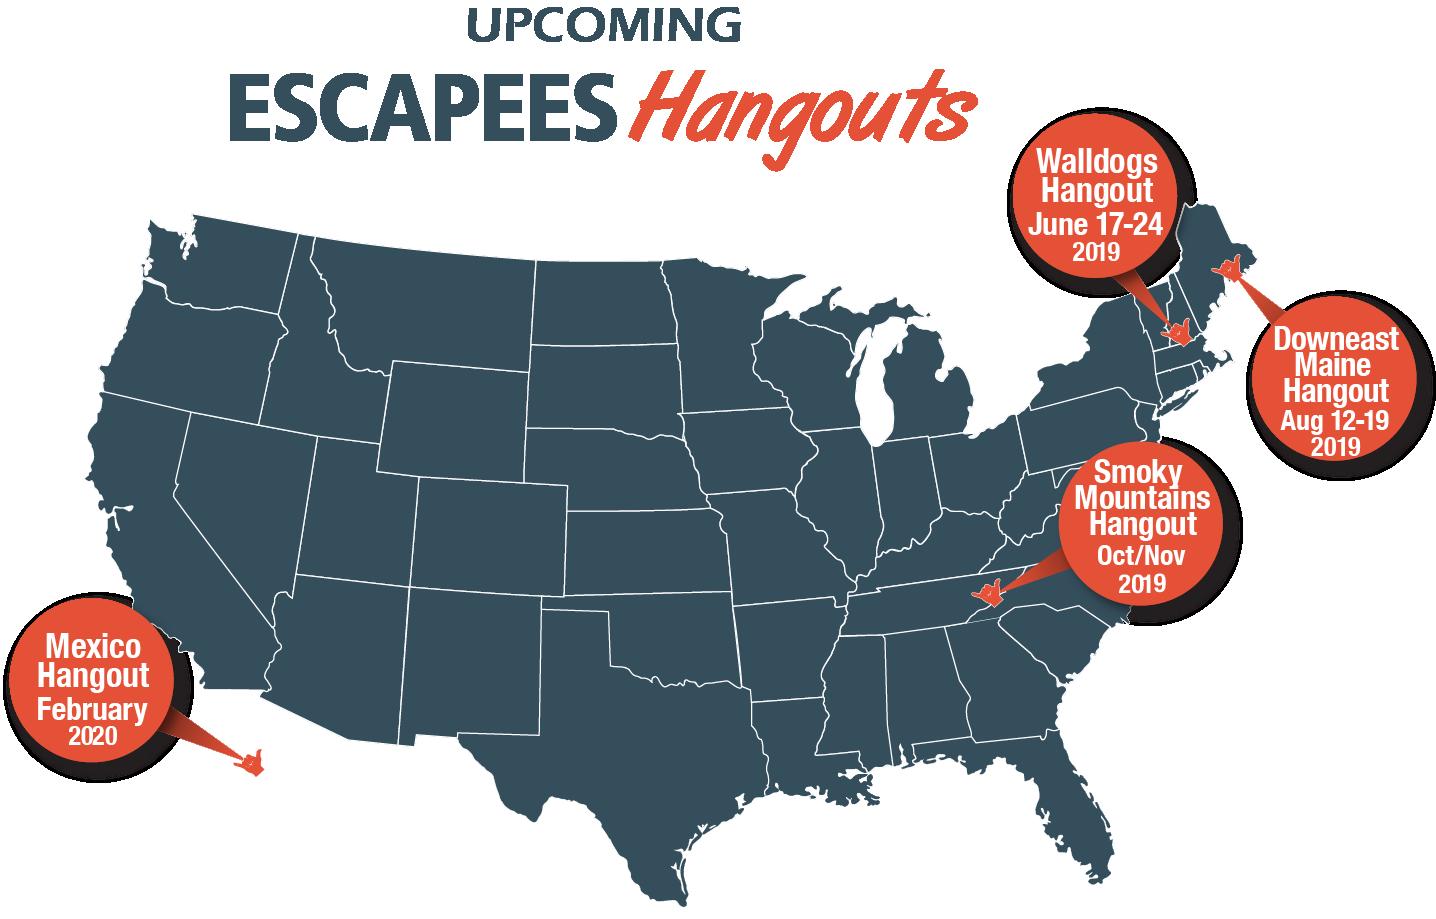 Escapees Hangout Map